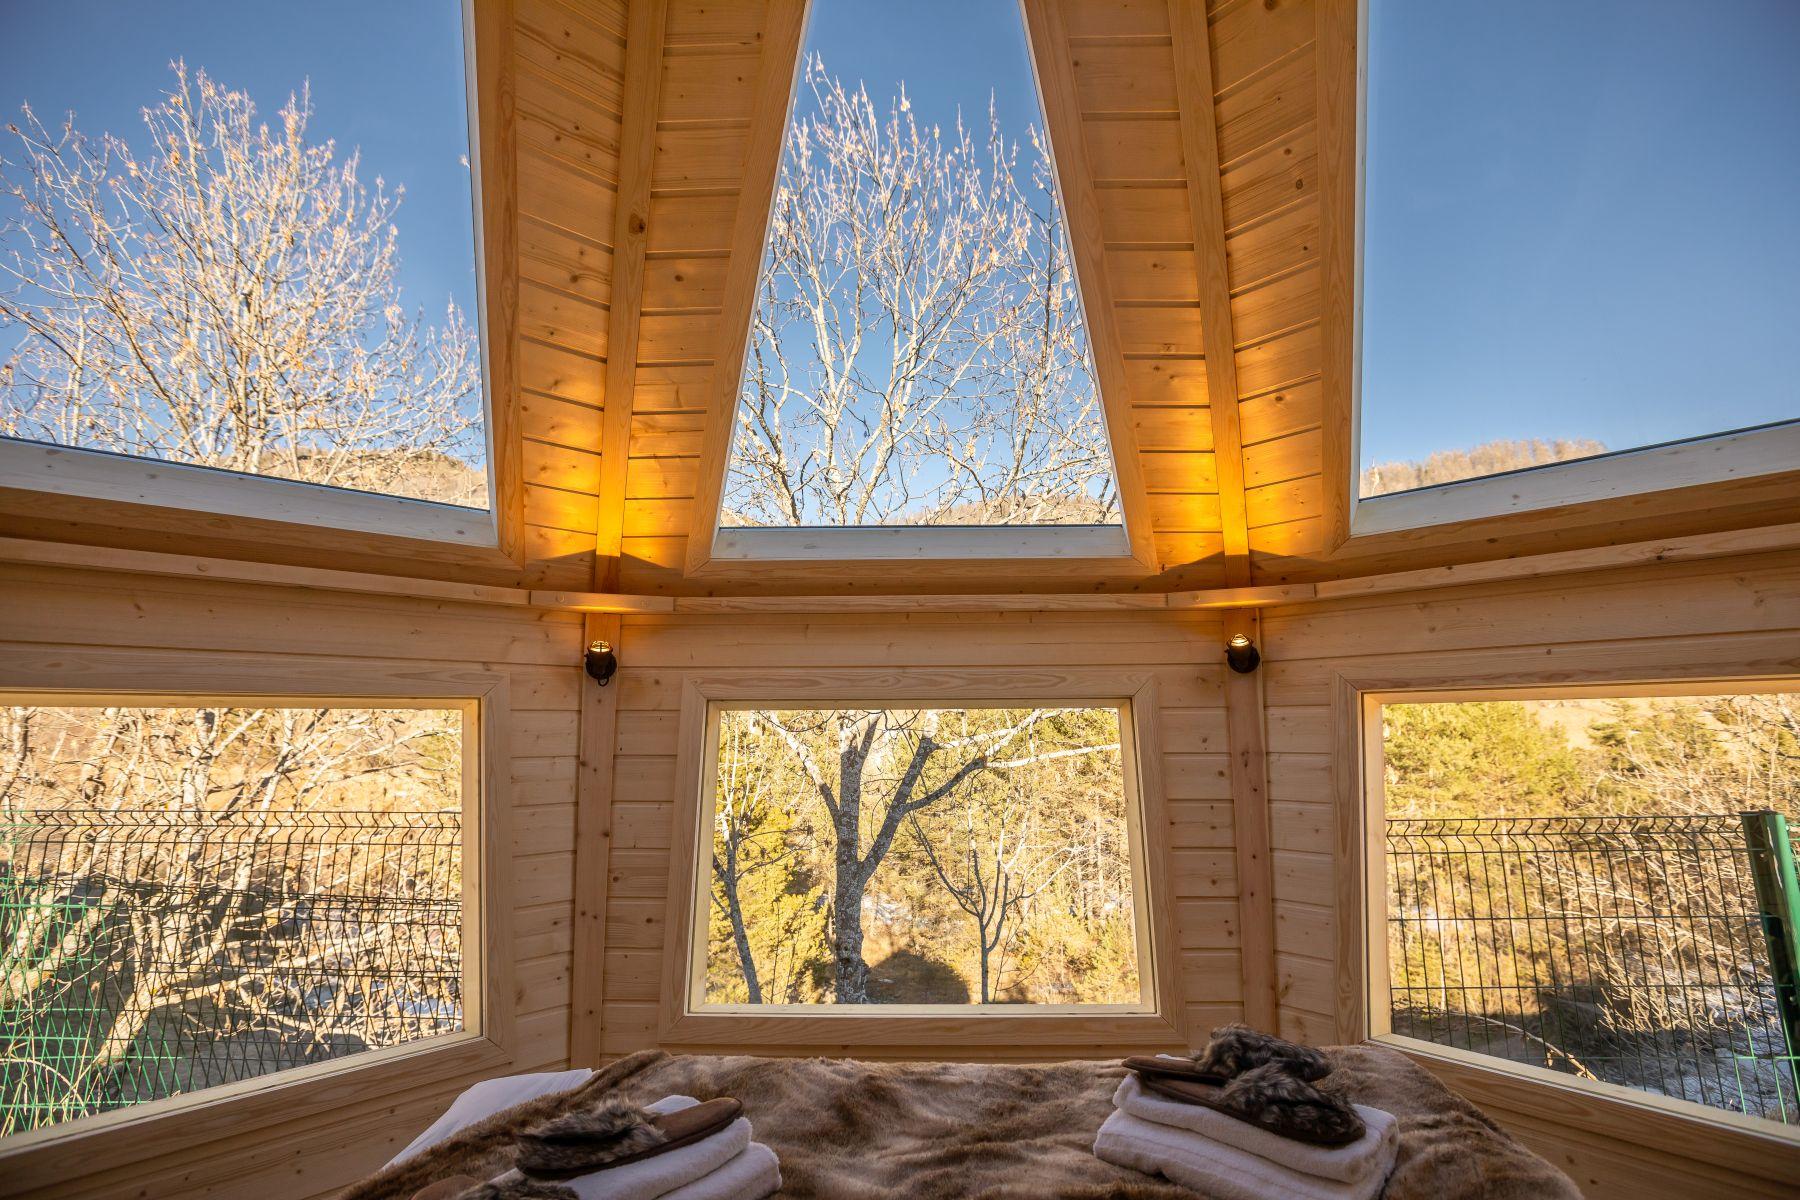 Lodge Spa Boreal - Camping du Cians